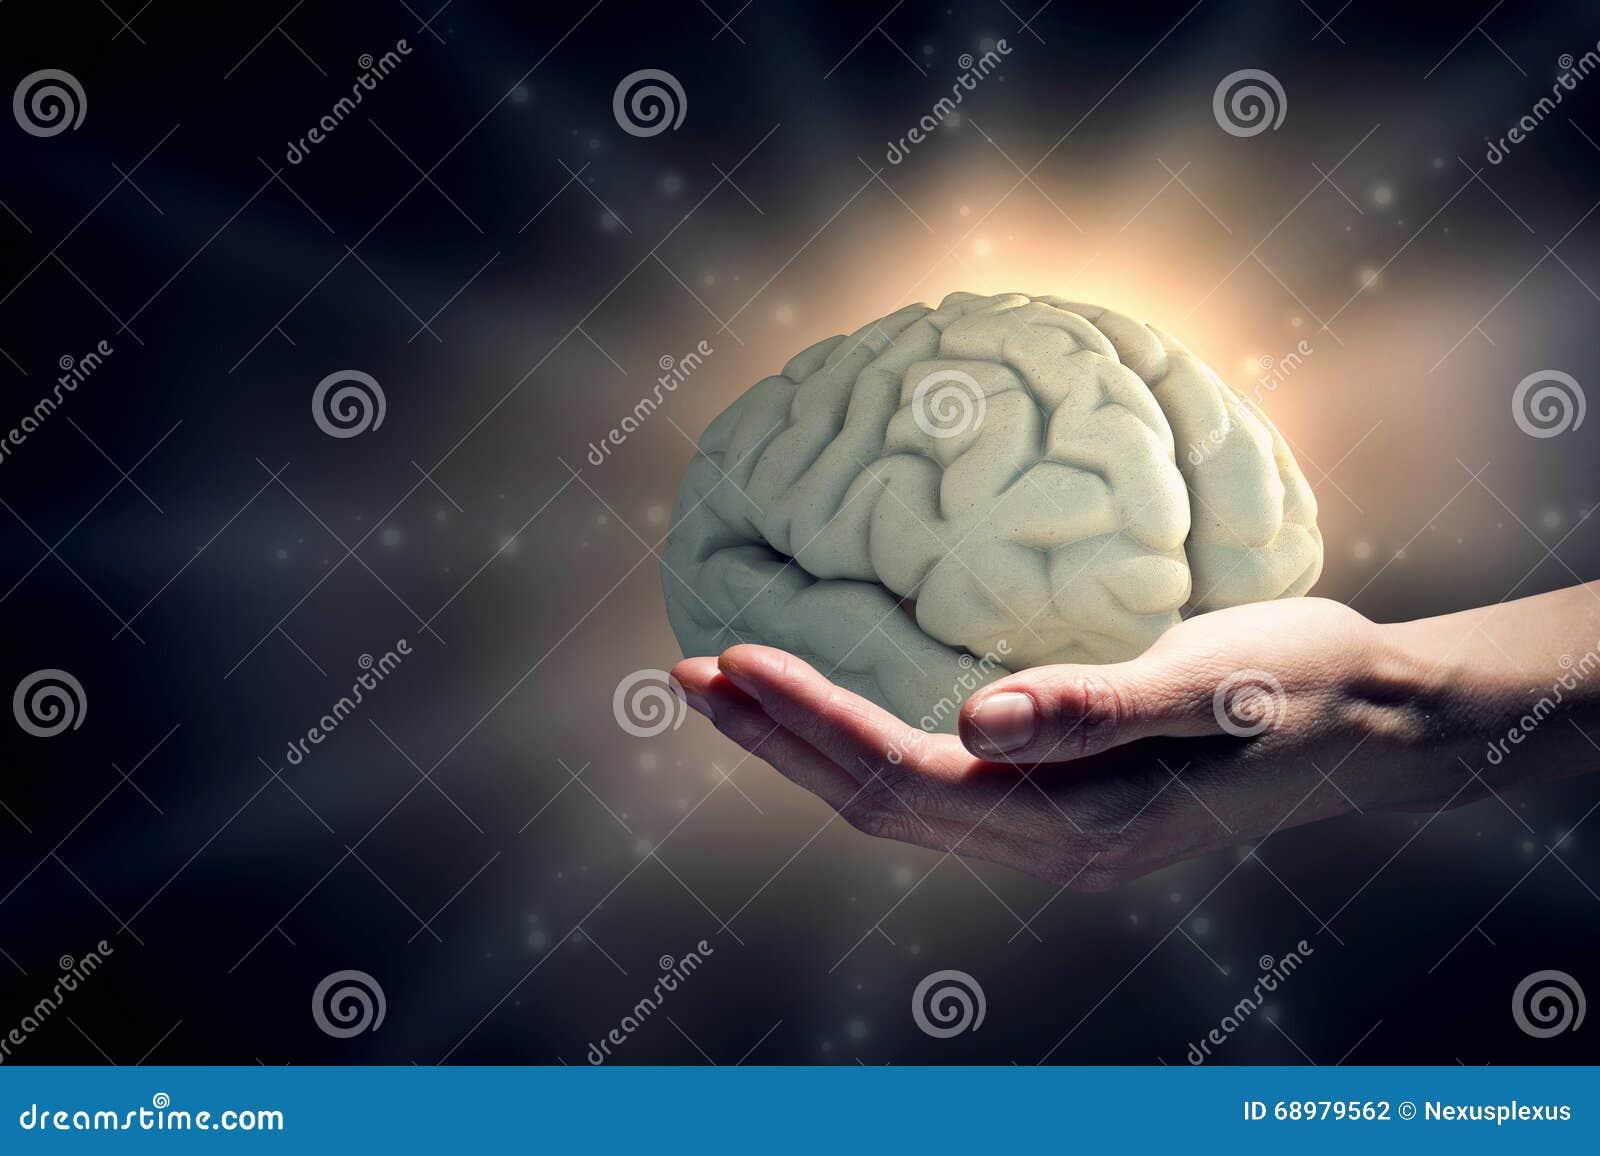 Μεγάλη δυνατότητα μυαλού